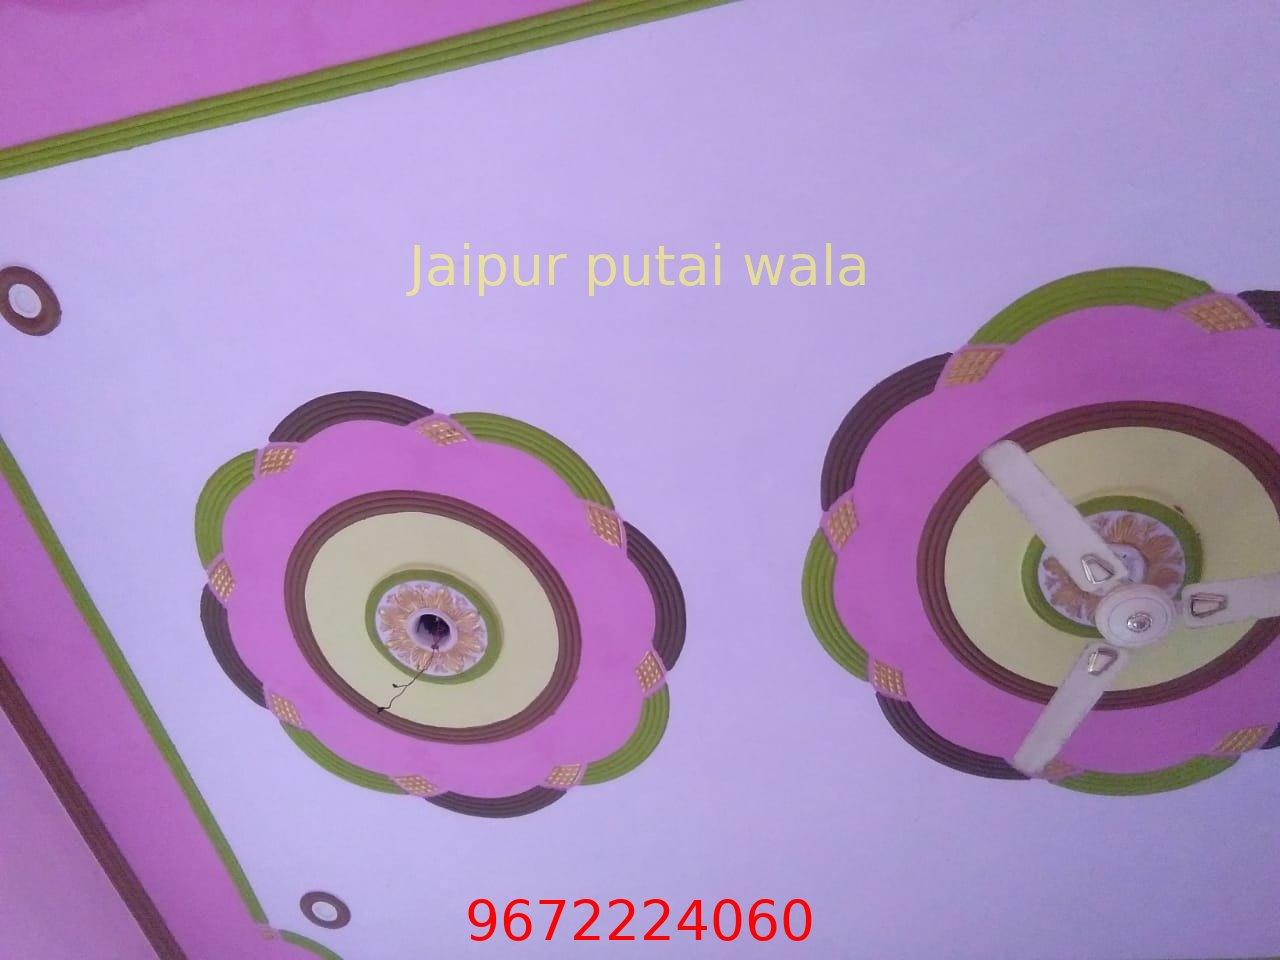 designer-false-ceiling-jaipur-01.jpg